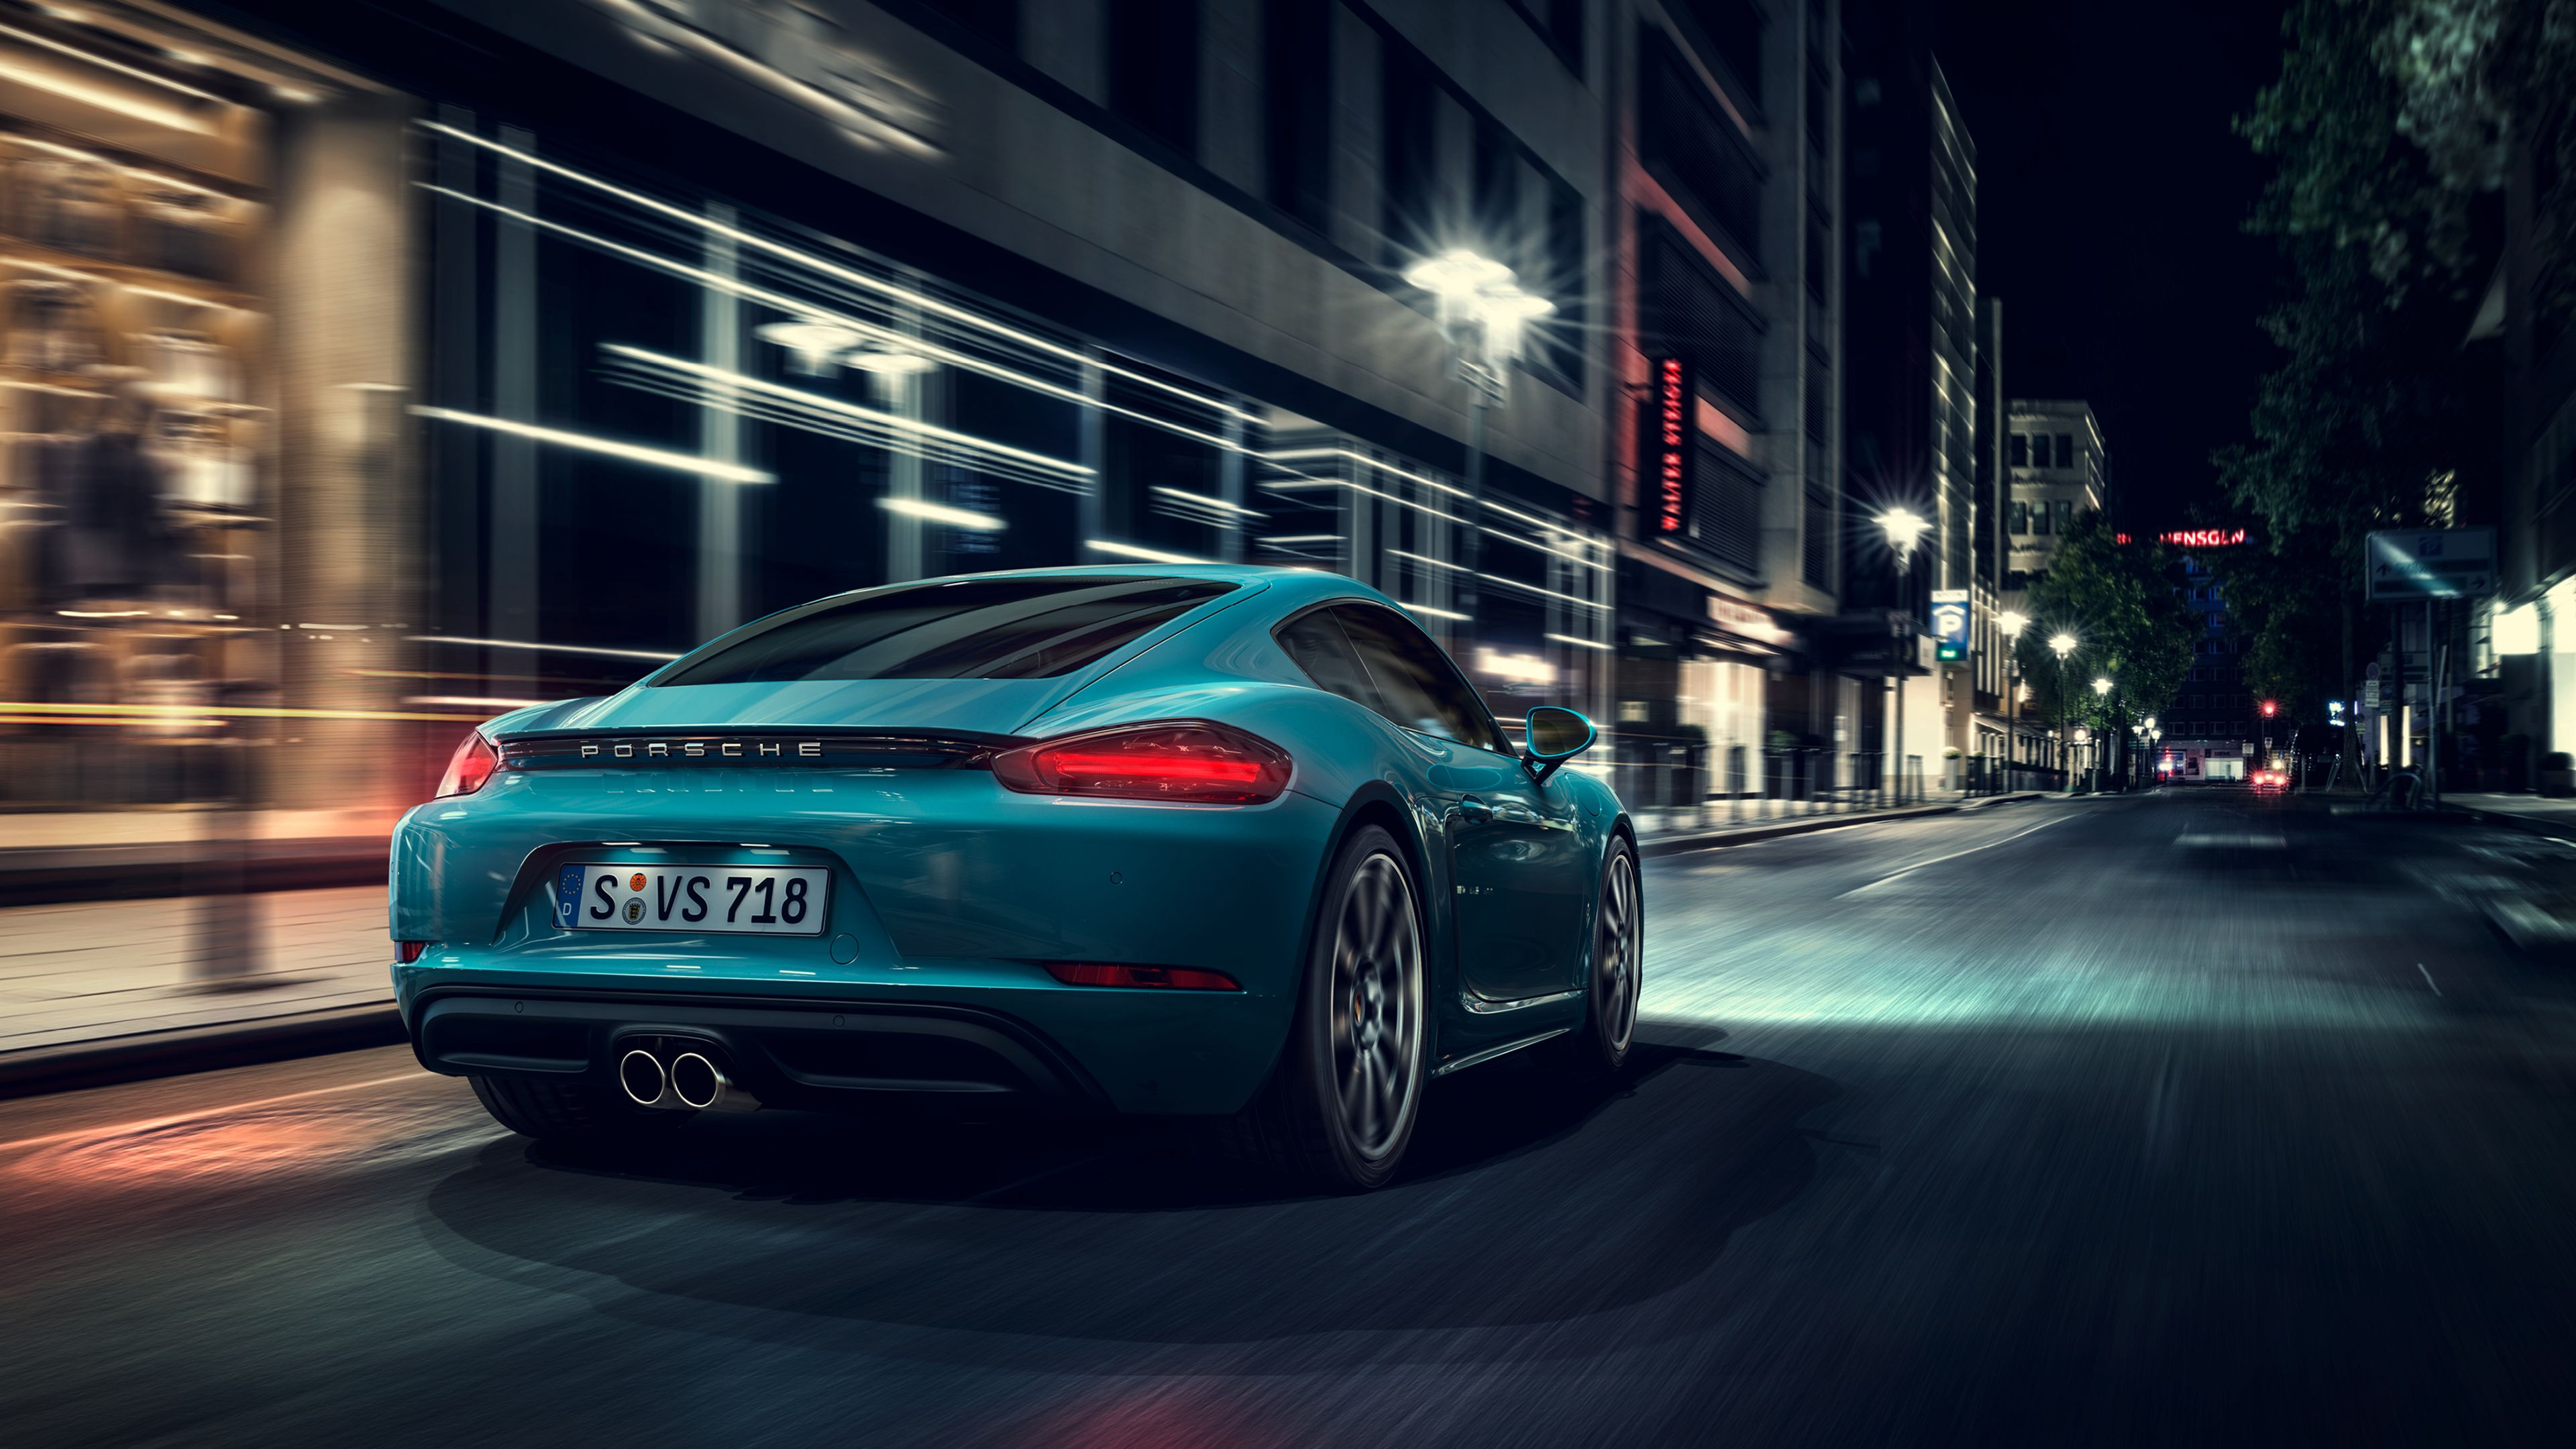 Porsche Cayman Wallpaper